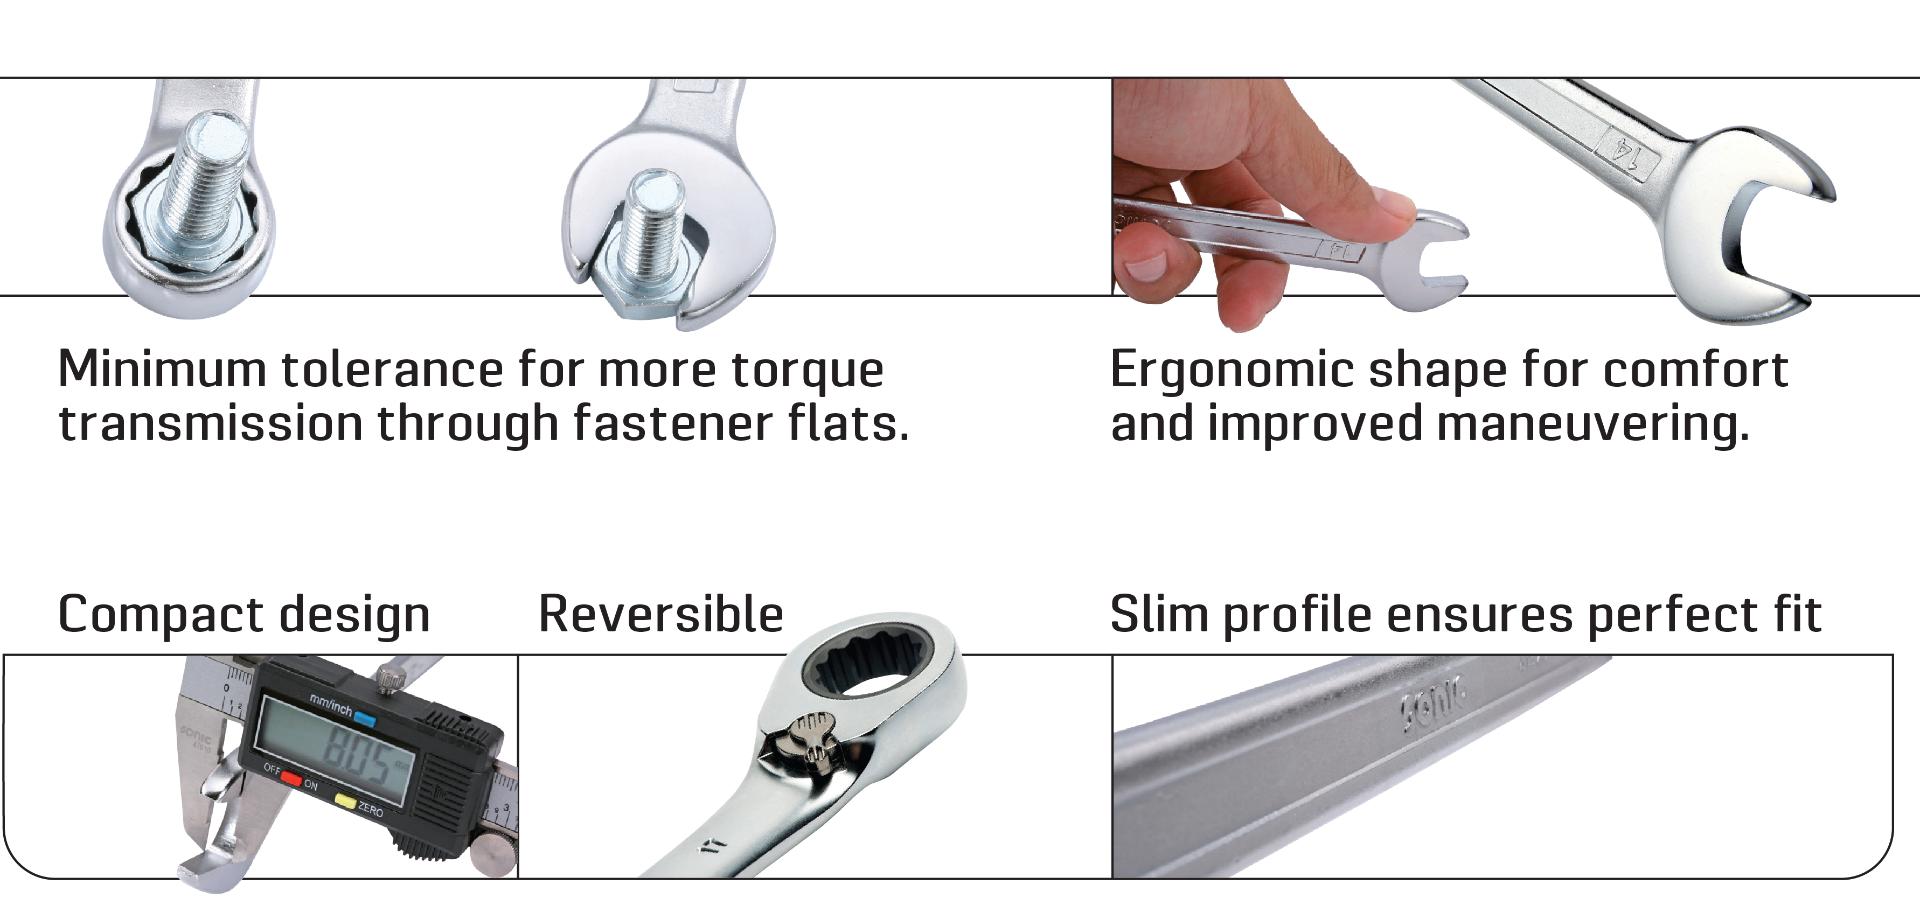 Compact design, slim profile, ergonomic design